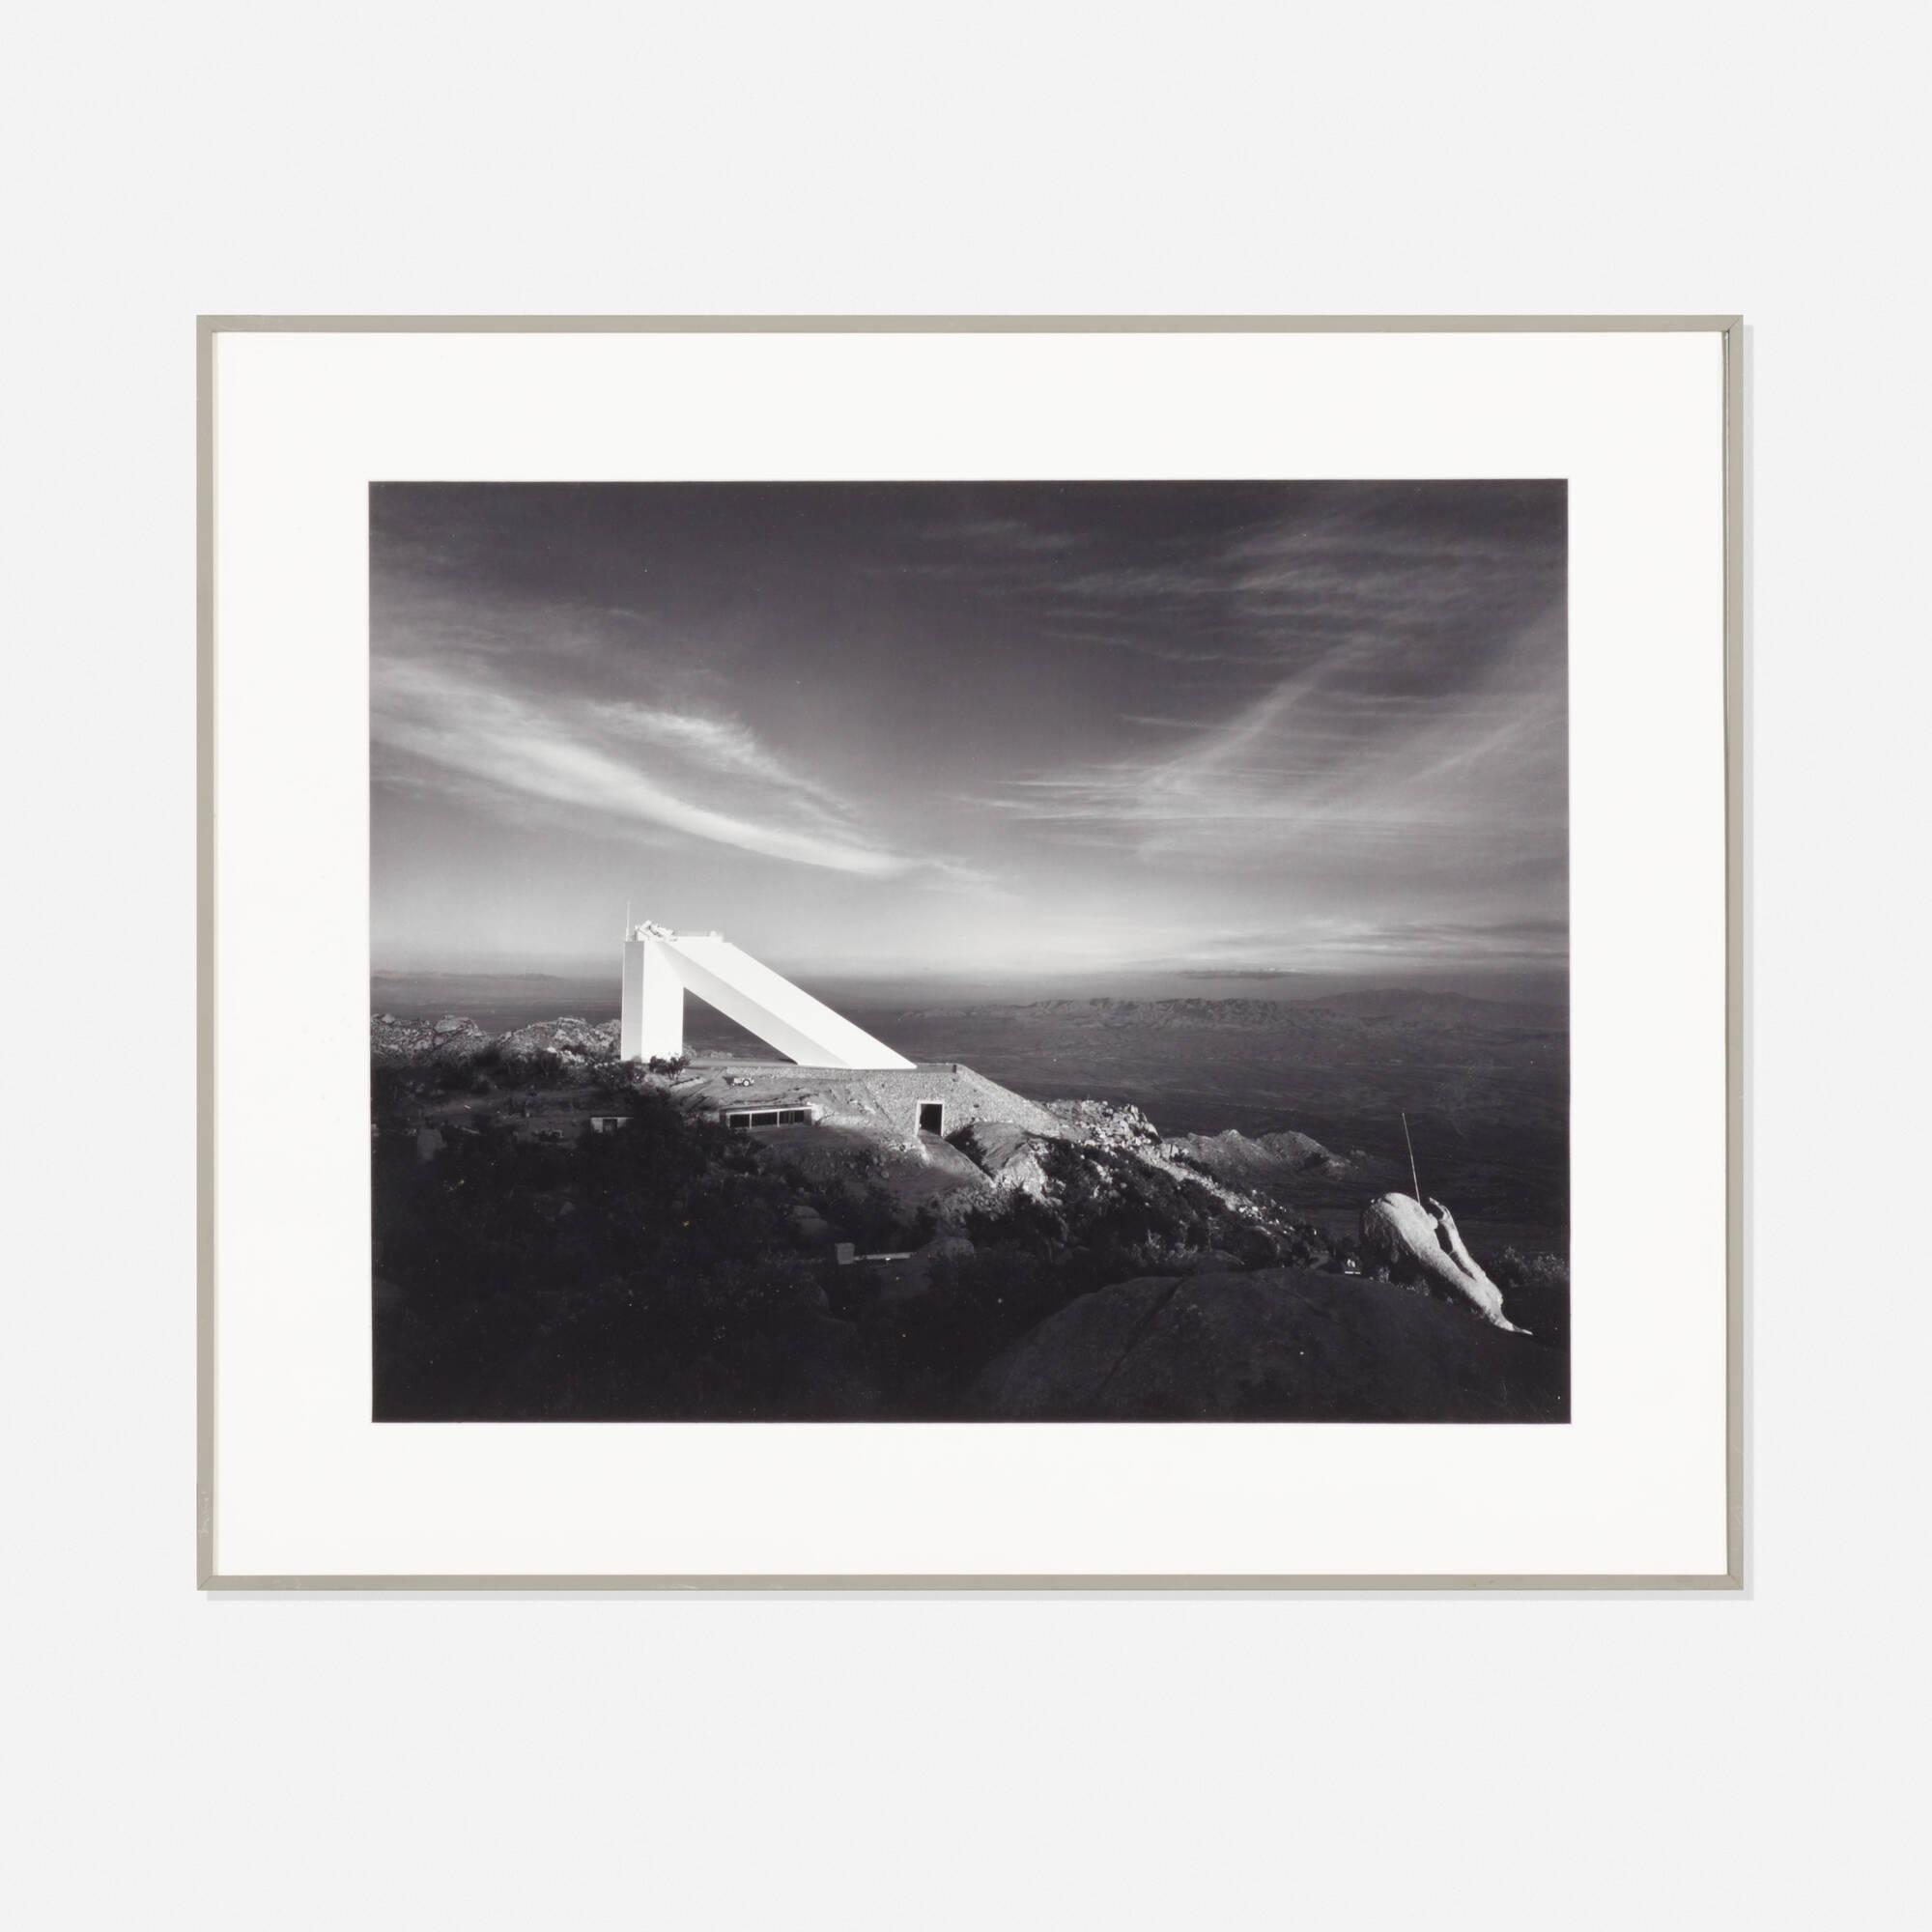 """238: Ezra Stoller / 60"""" Solar Telescope, Kitt Peak, Ariz. Architect: SOM (1 of 1)"""